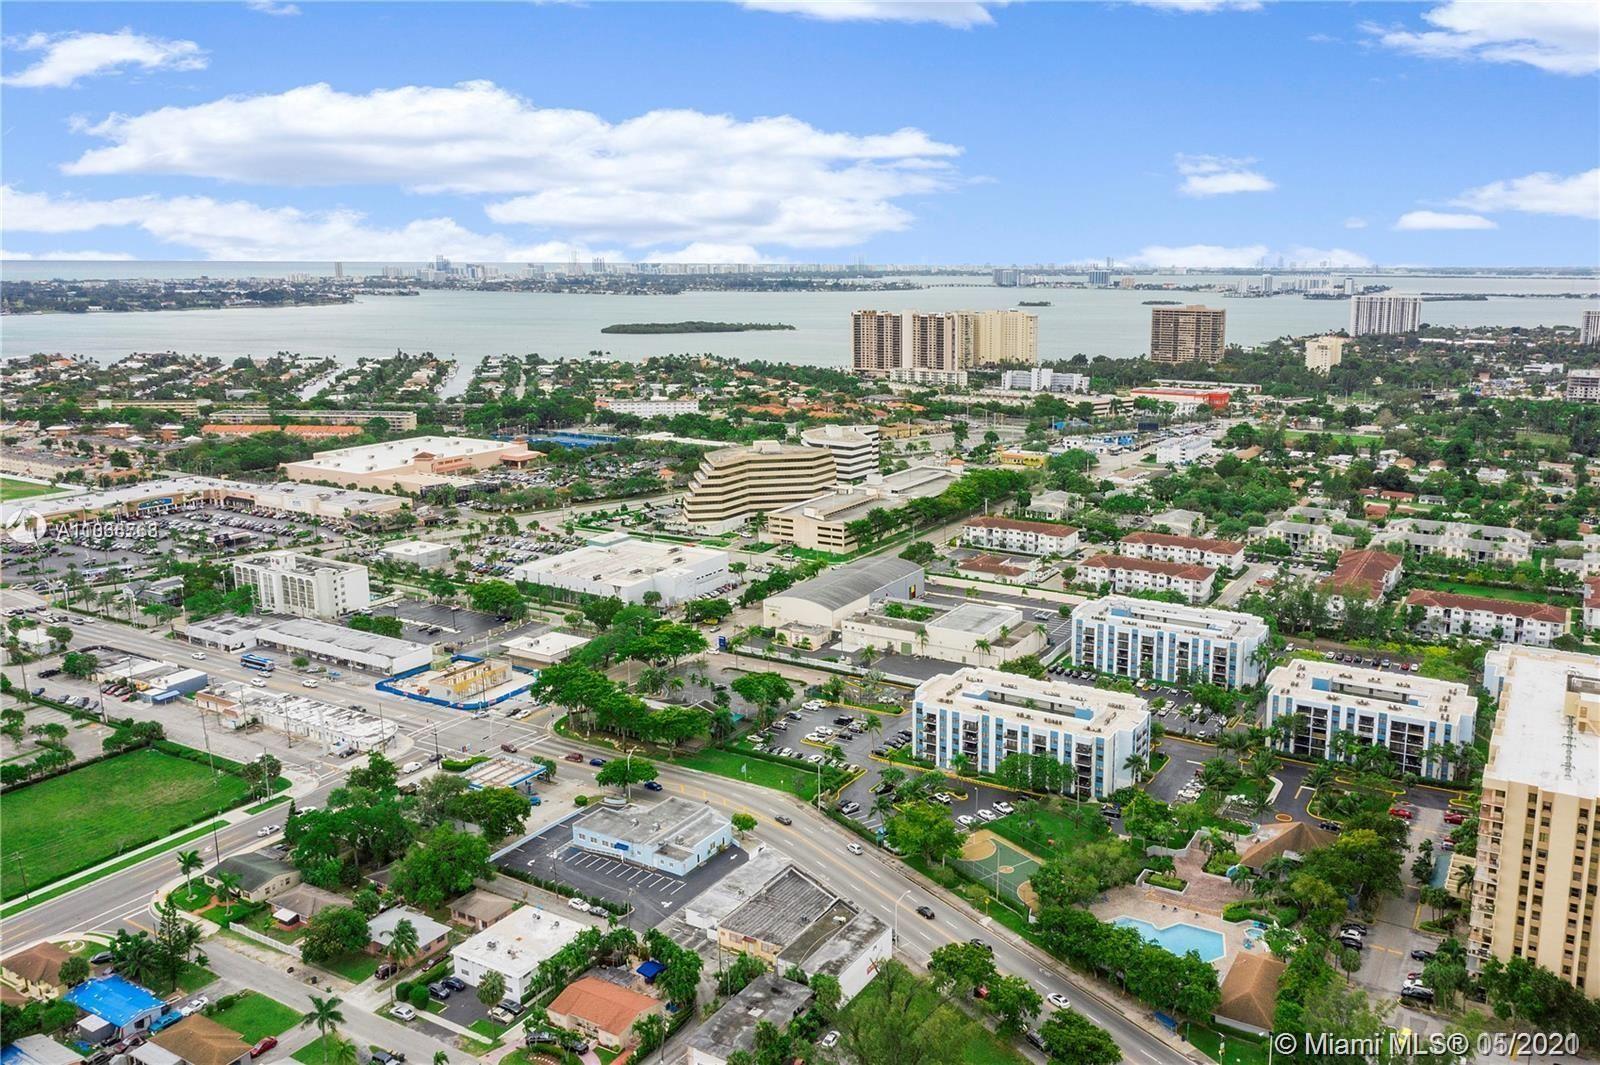 Photo of 1470 NE 123rd St #A116, North Miami, FL 33161 (MLS # A11036763)